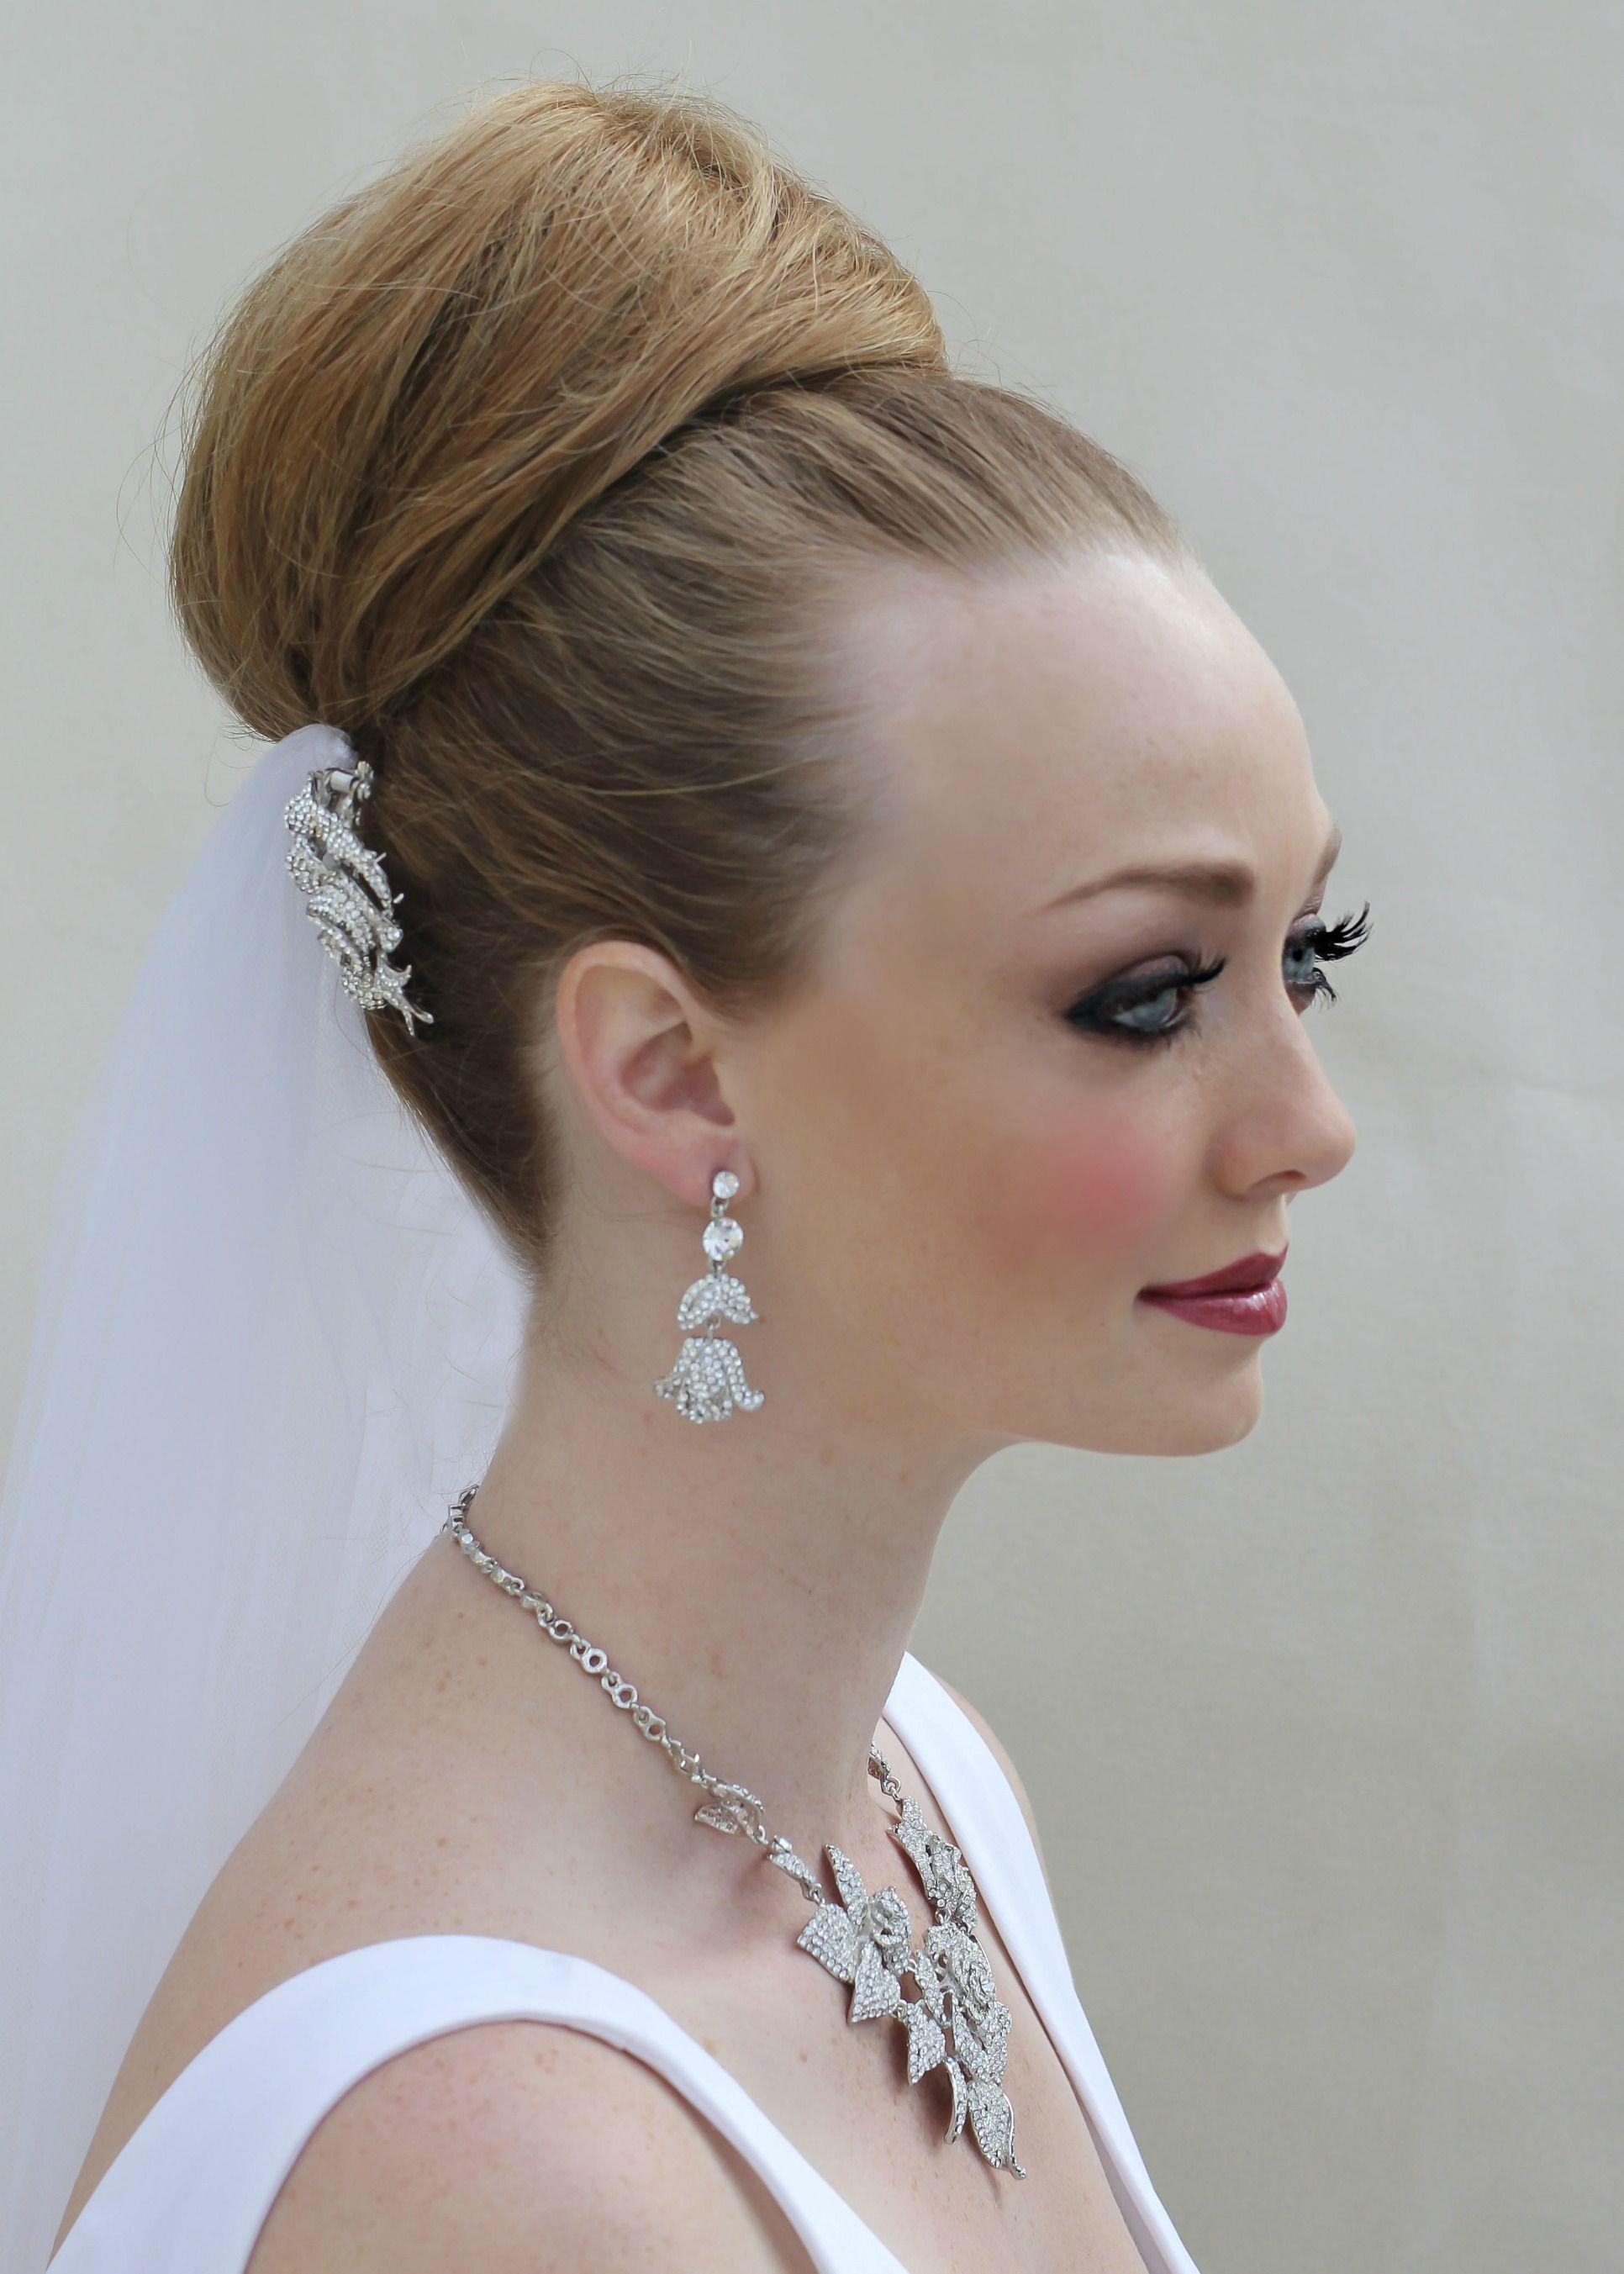 sexy ballerina ~ elegant top knot ballerina bun, smokey eye makeup